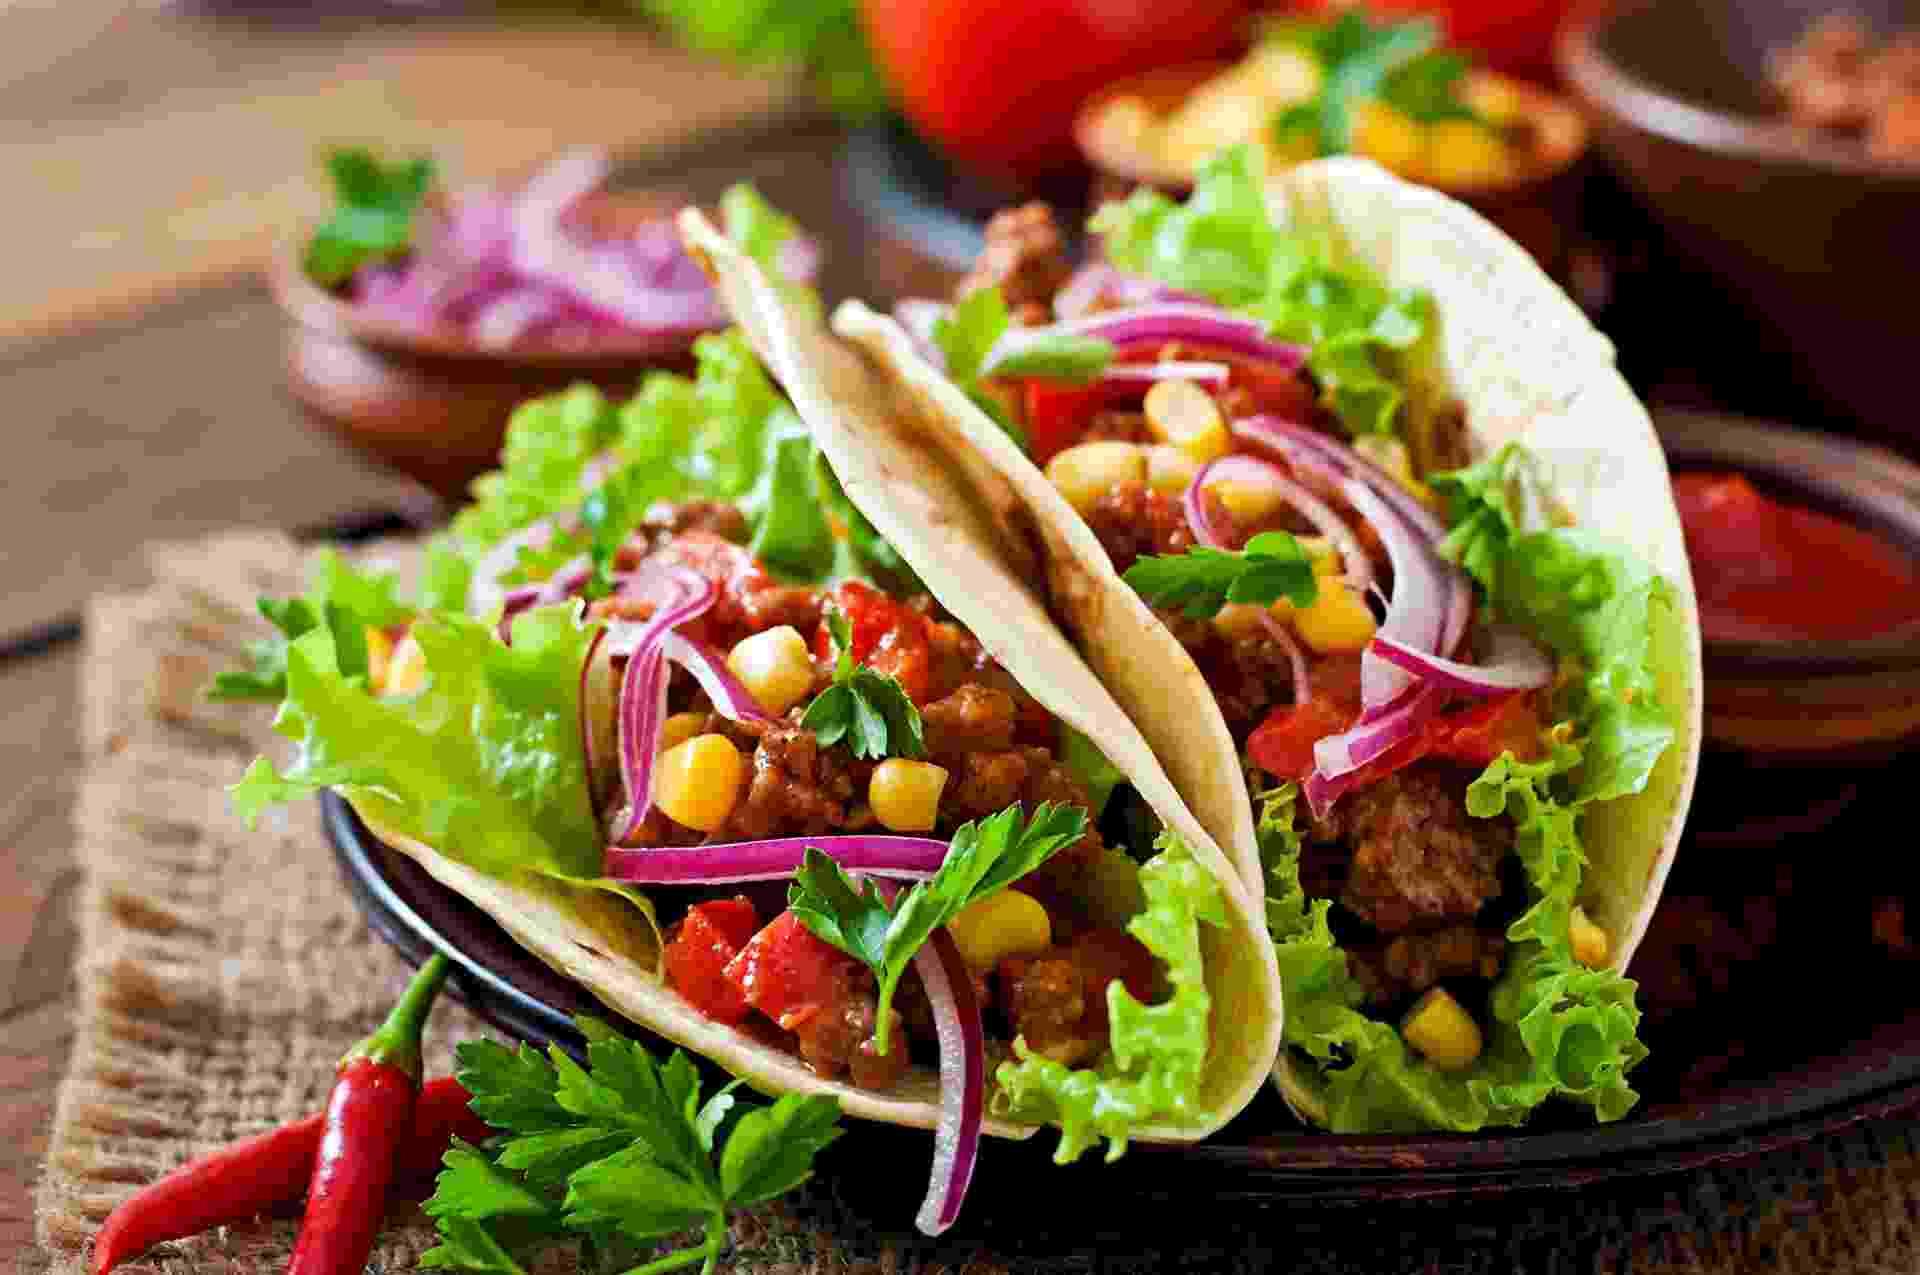 Comida mexicana: taco de carne com legumes e cebola roxa - Elena_Danileiko/iStock